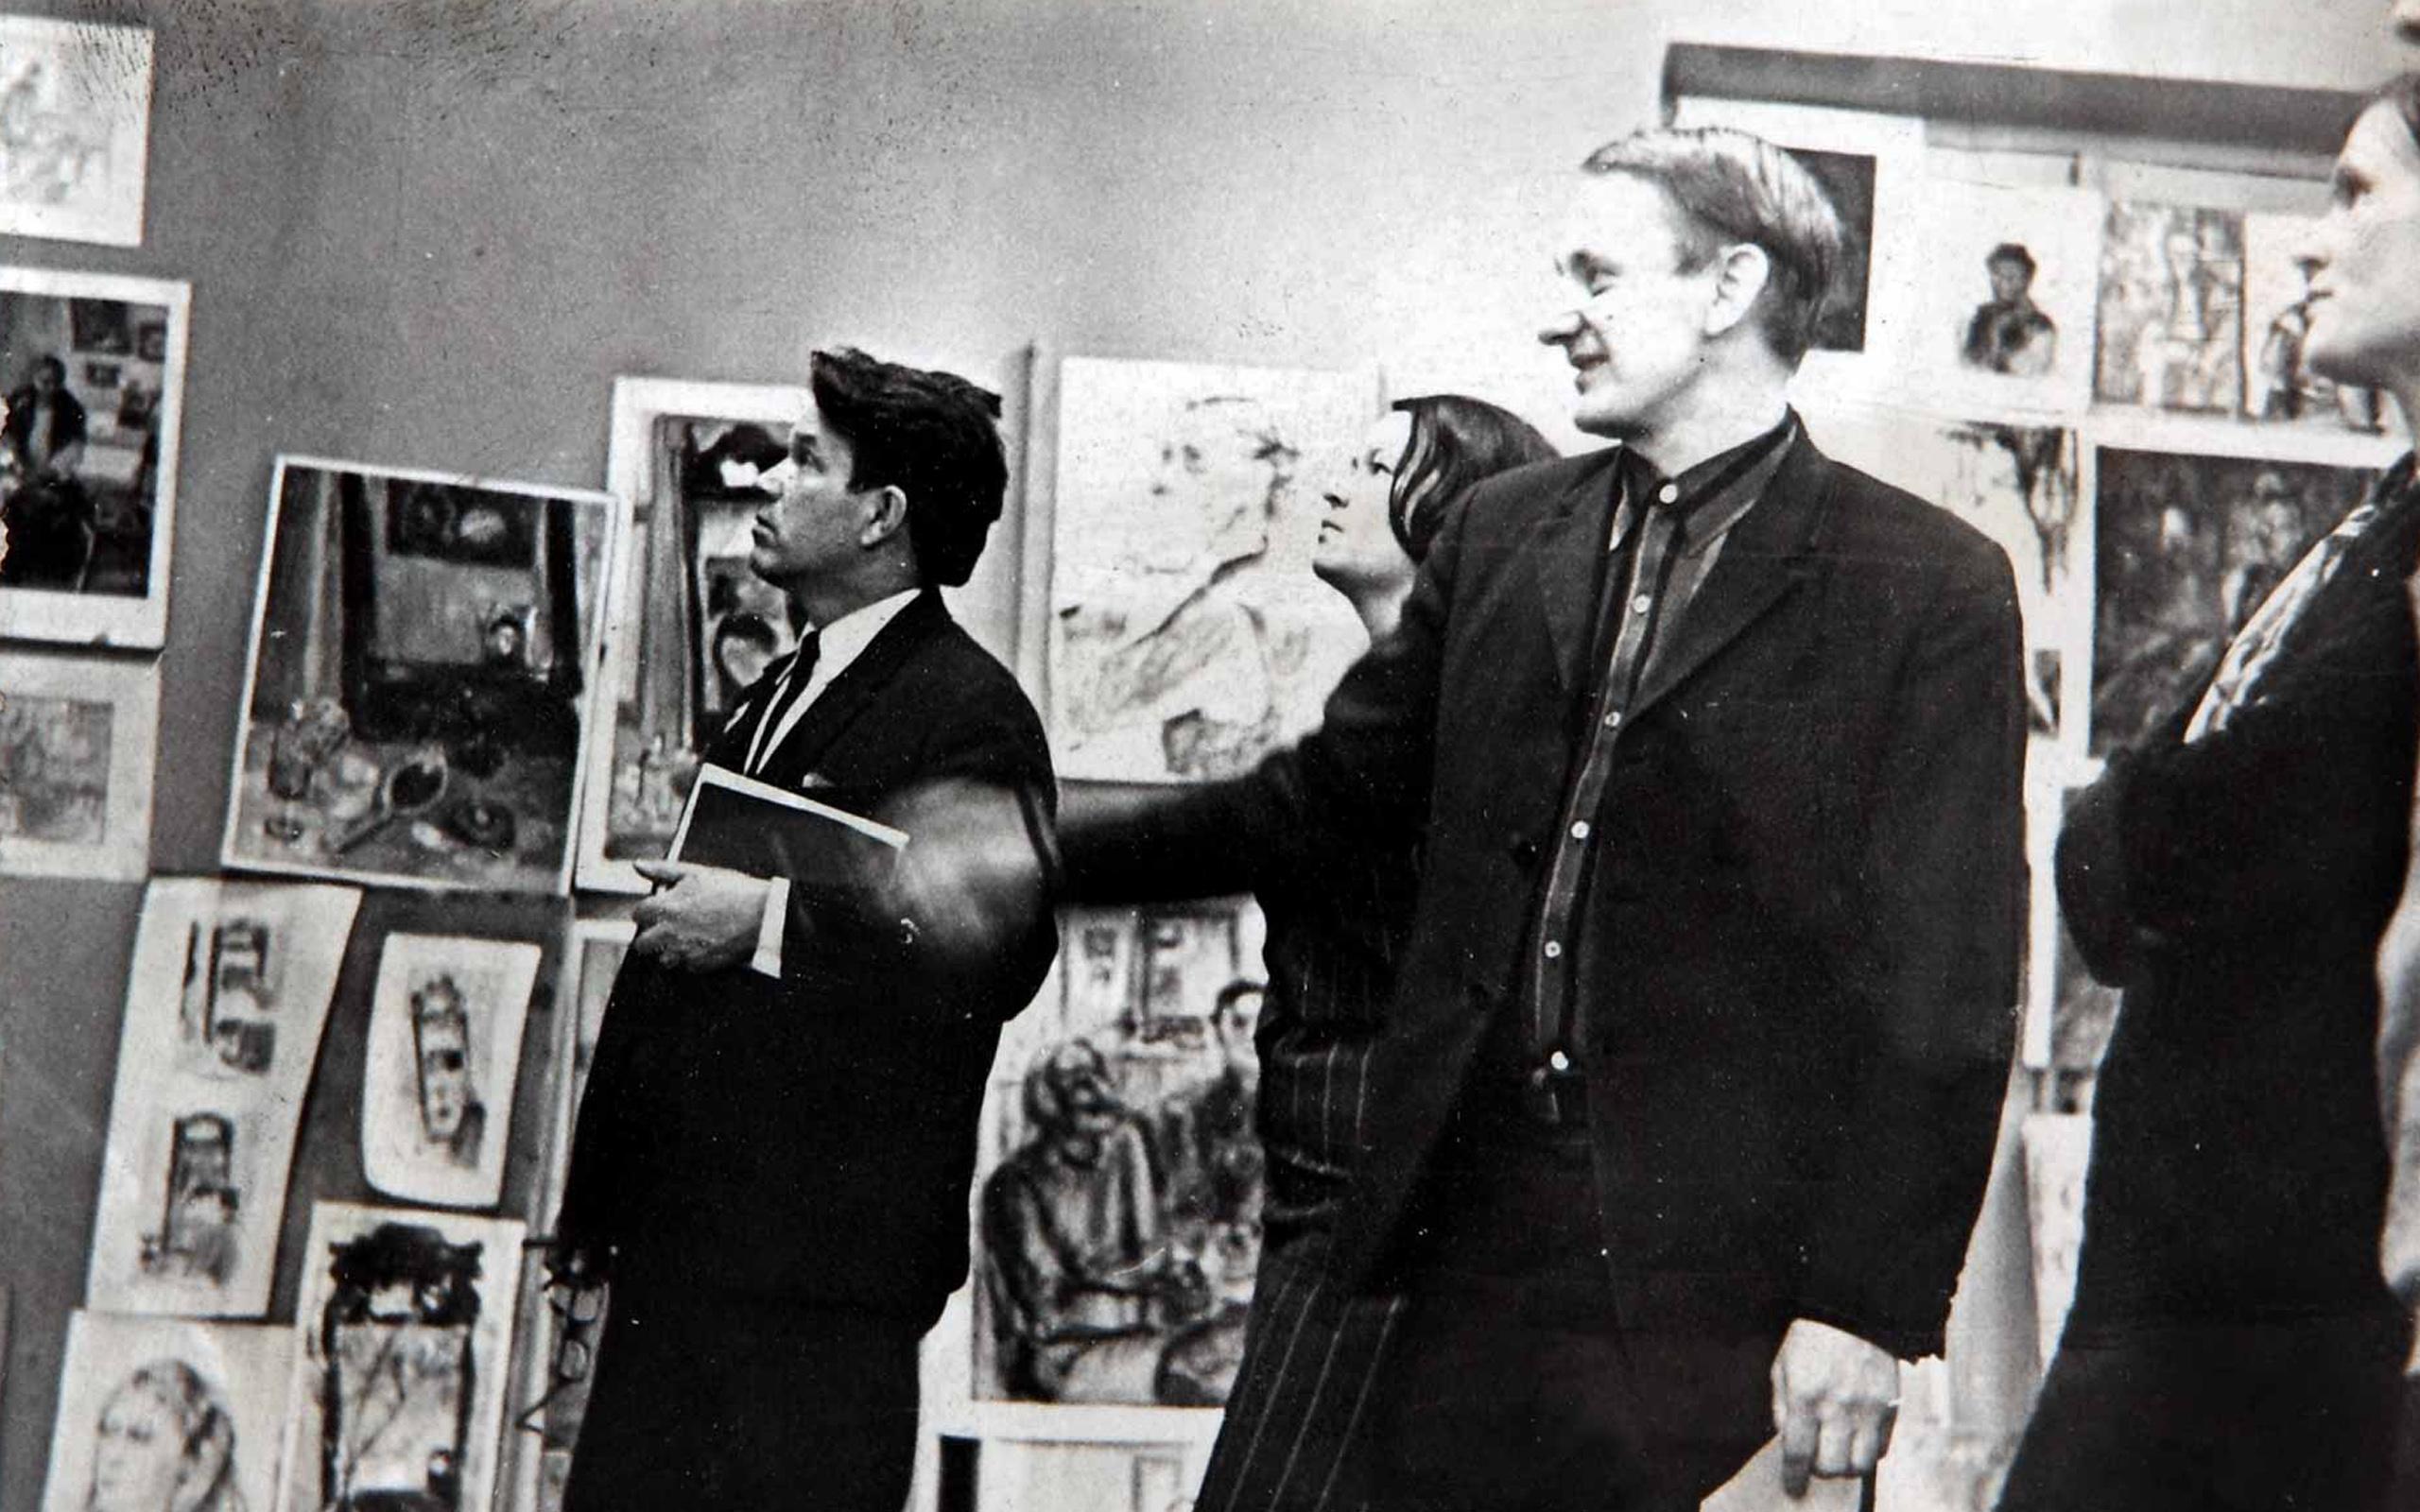 1972 год. На просмотре курсовых работ. Слева направо Г.В. Анциферов, Э.А. Осаяну, Н.М. Морозов, Л.Н. Гончар